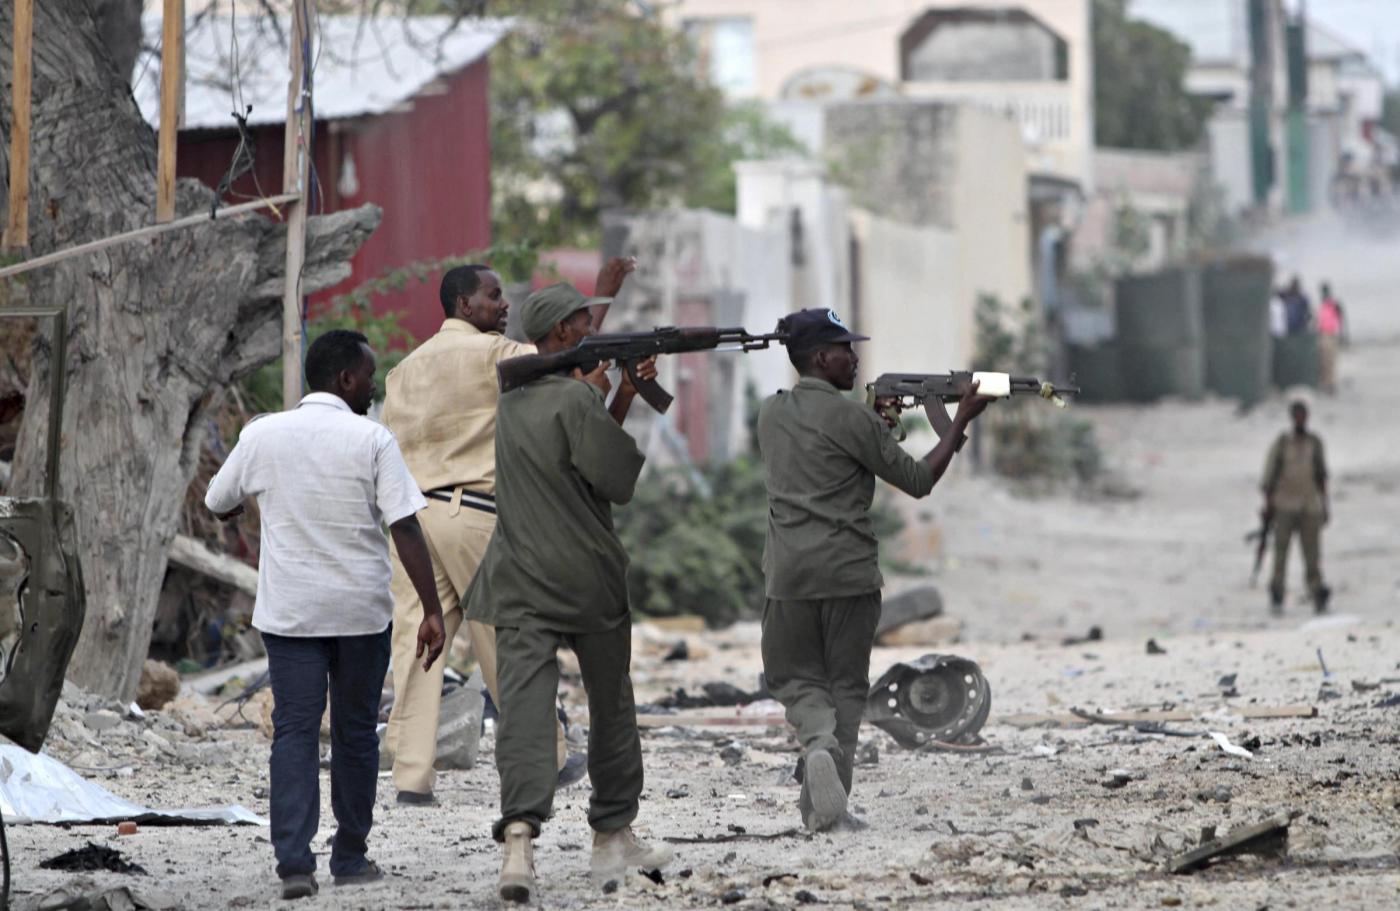 Al-Shabaab: chi sono, cosa vogliono e cosa hanno fatto finora